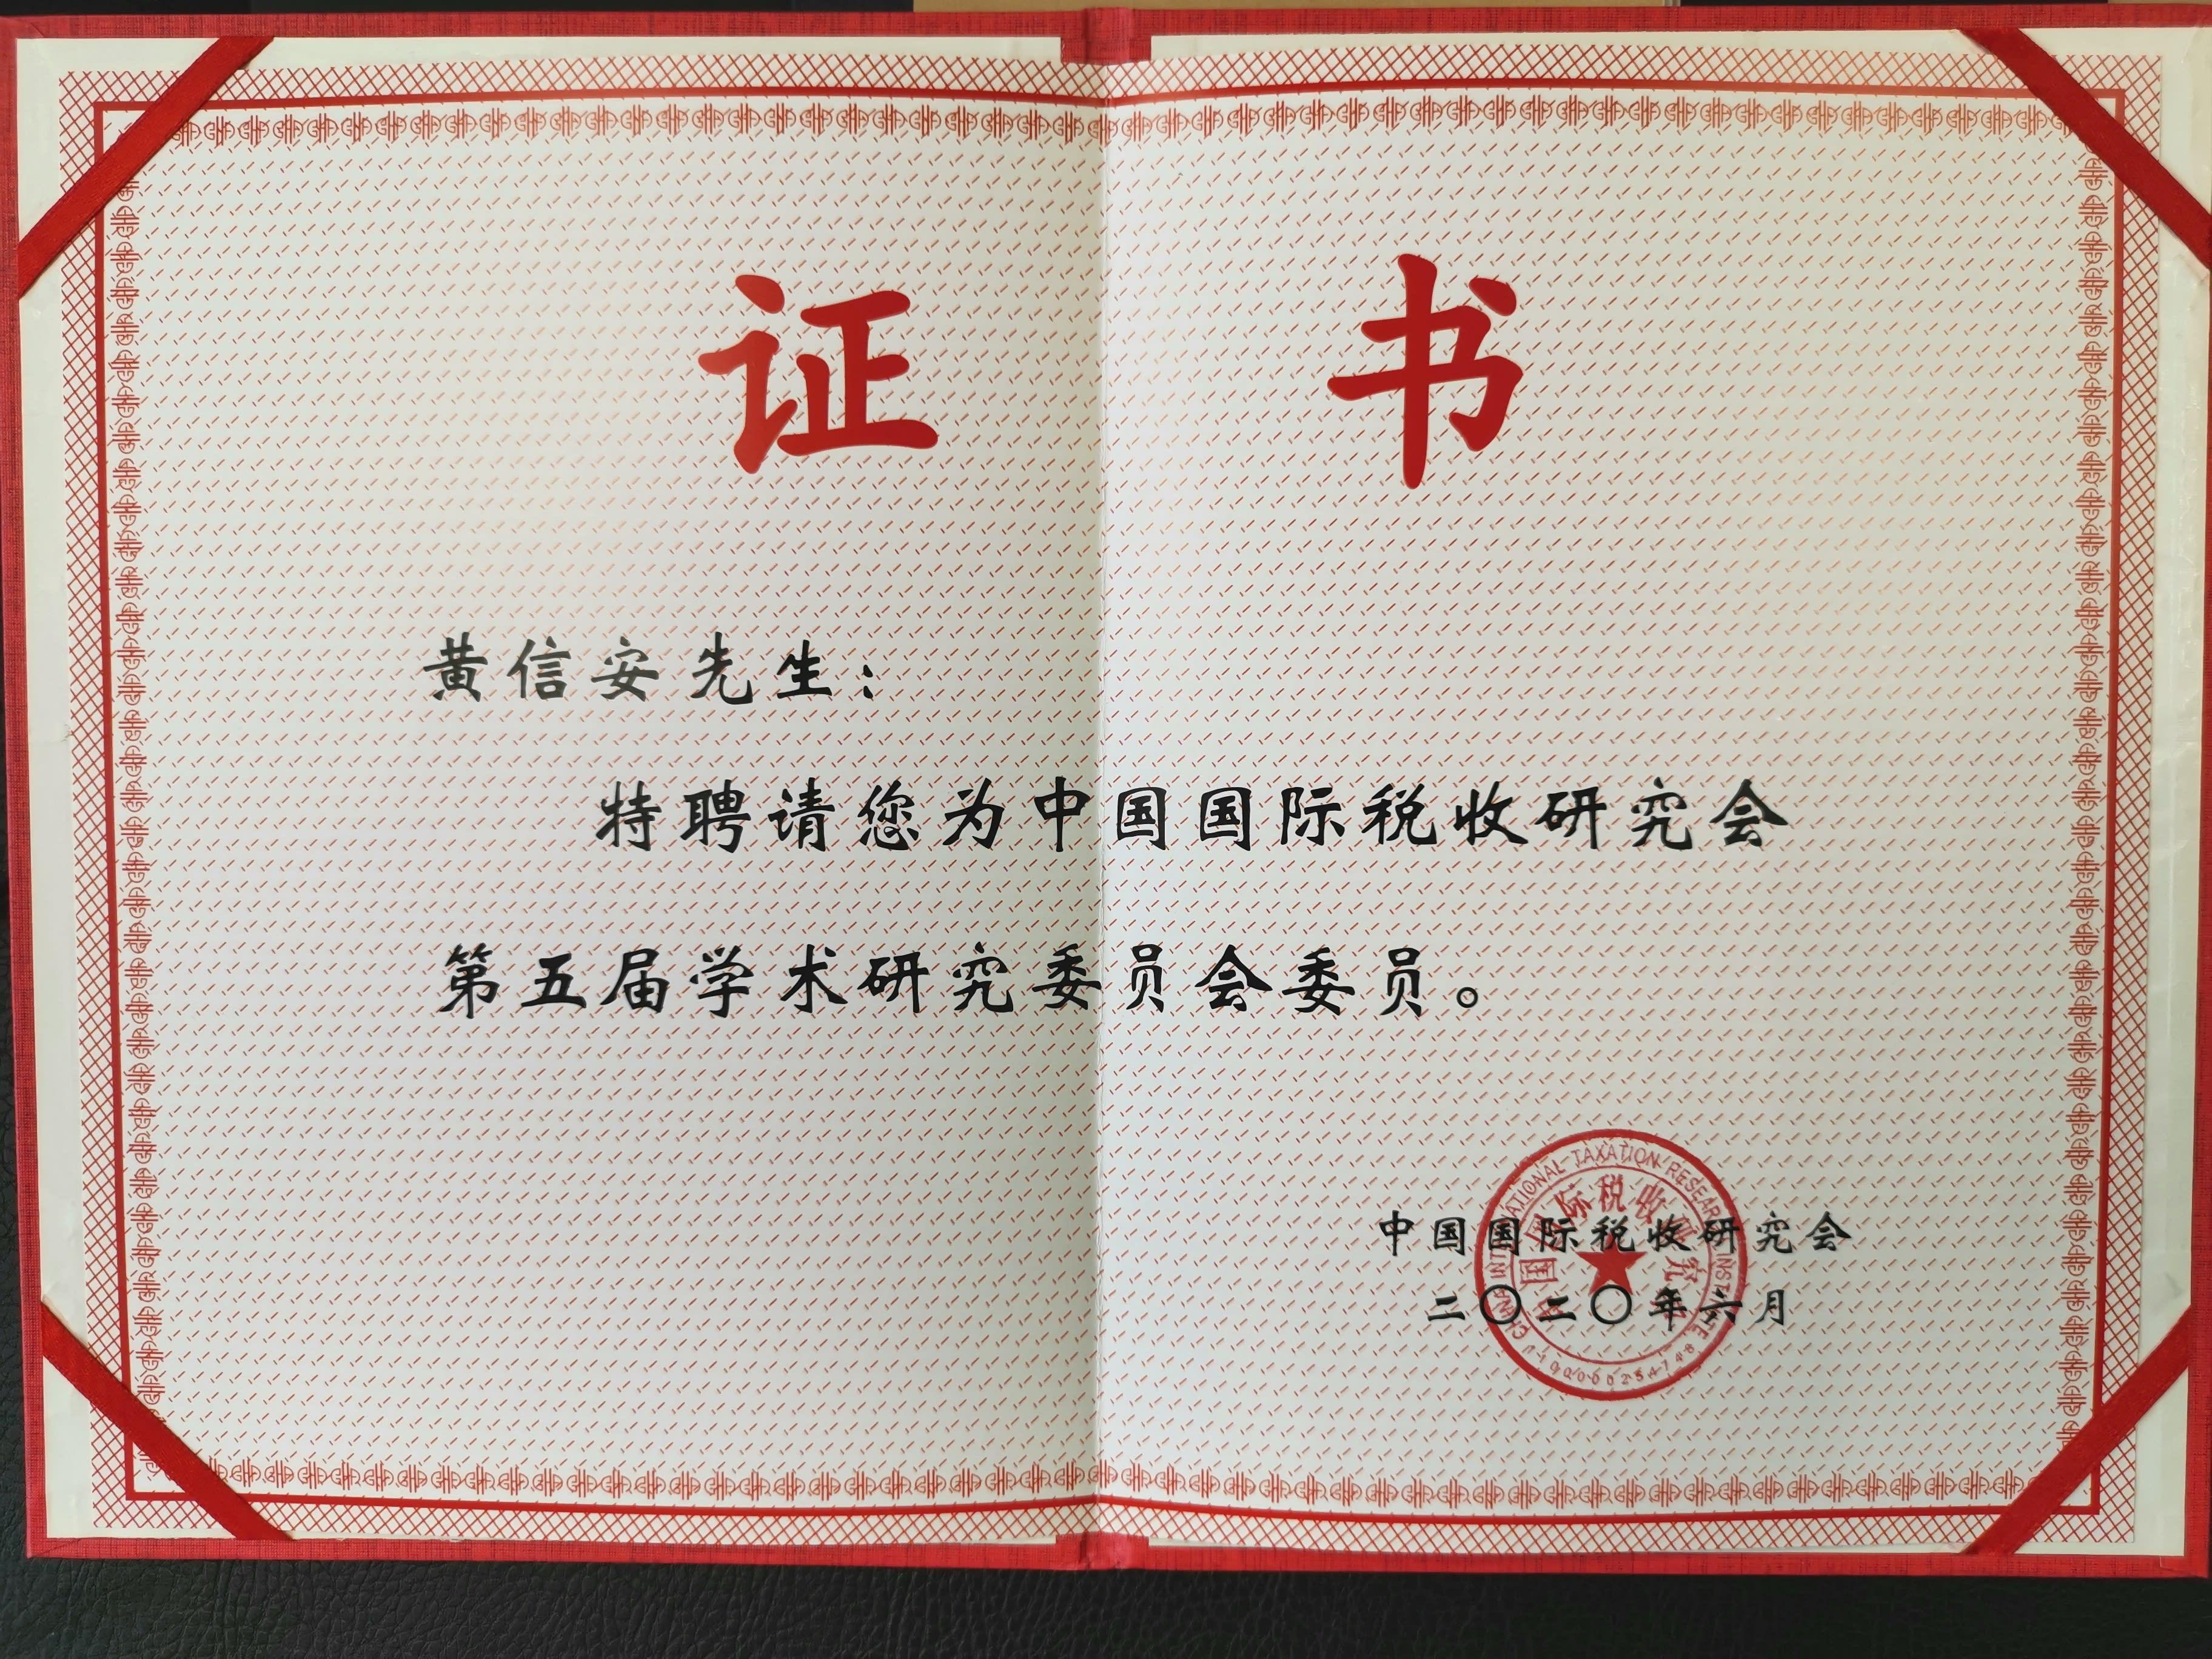 zhong_guo_guo_ji_shui_shou_yan_jiu_hui_pin_shu_202006.jpg